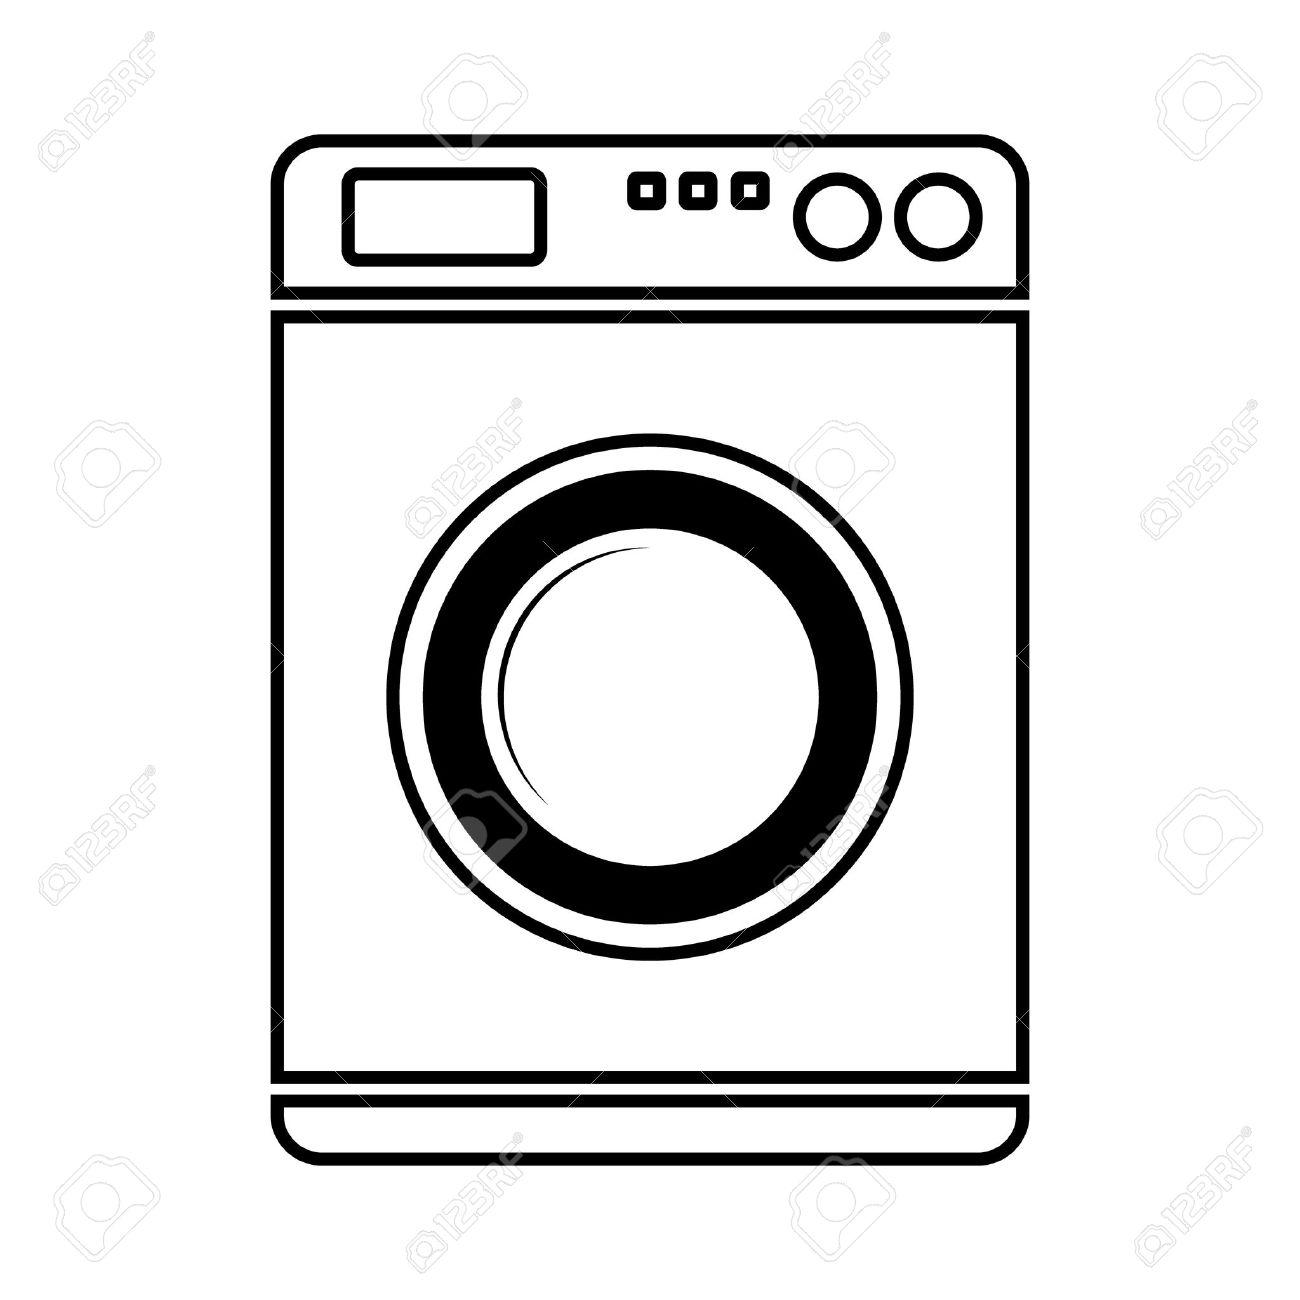 Waschmaschine clipart  Waschmaschine Symbol Auf Weißem Hintergrund. Lizenzfrei Nutzbare ...